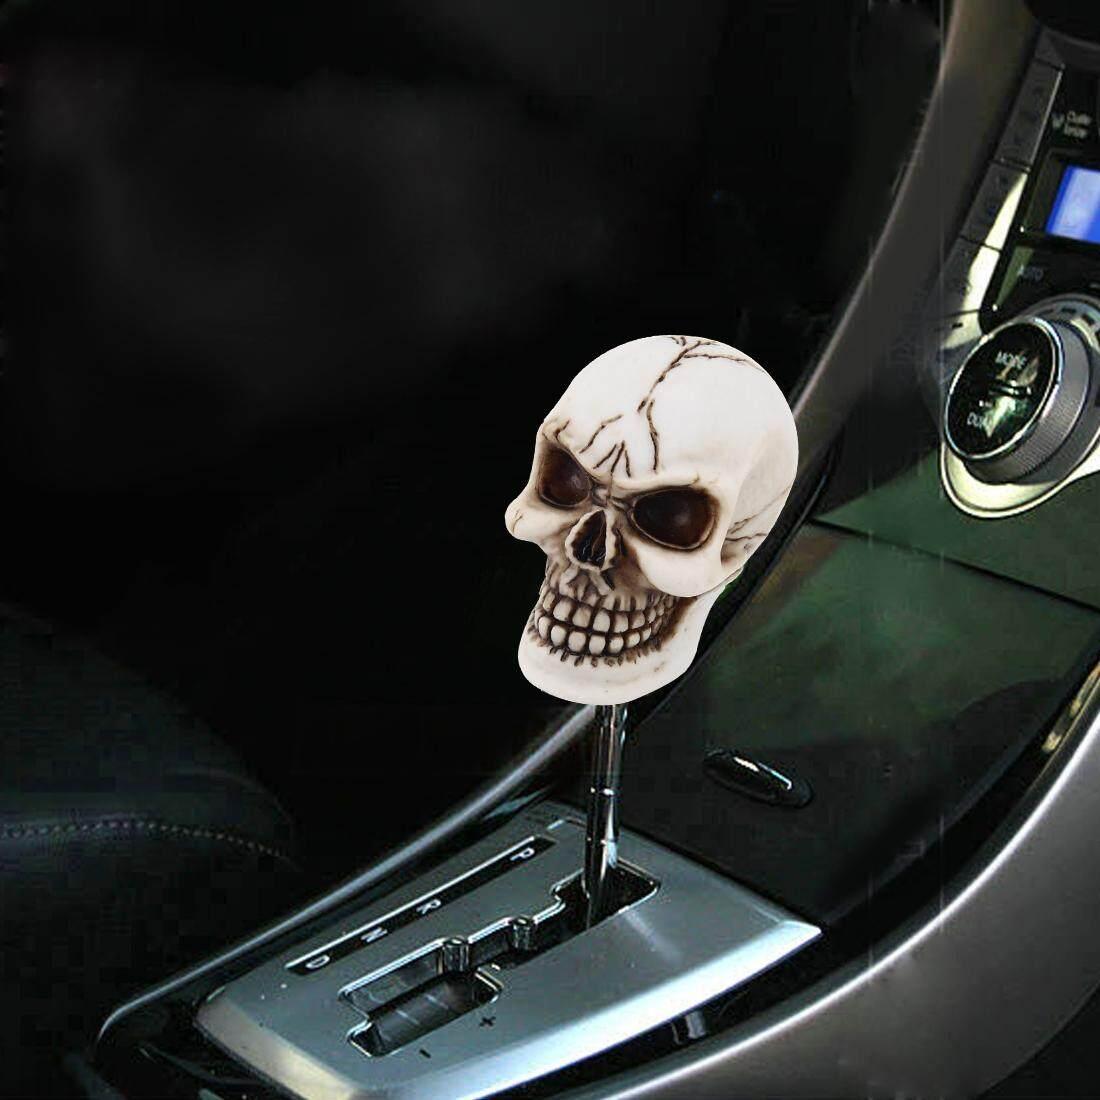 Universal Bentuk Kepala Tengkorak ABS Manual atau Gerigi Otomatis Shift Knob dengan Tiga Penutup Karet Cocok